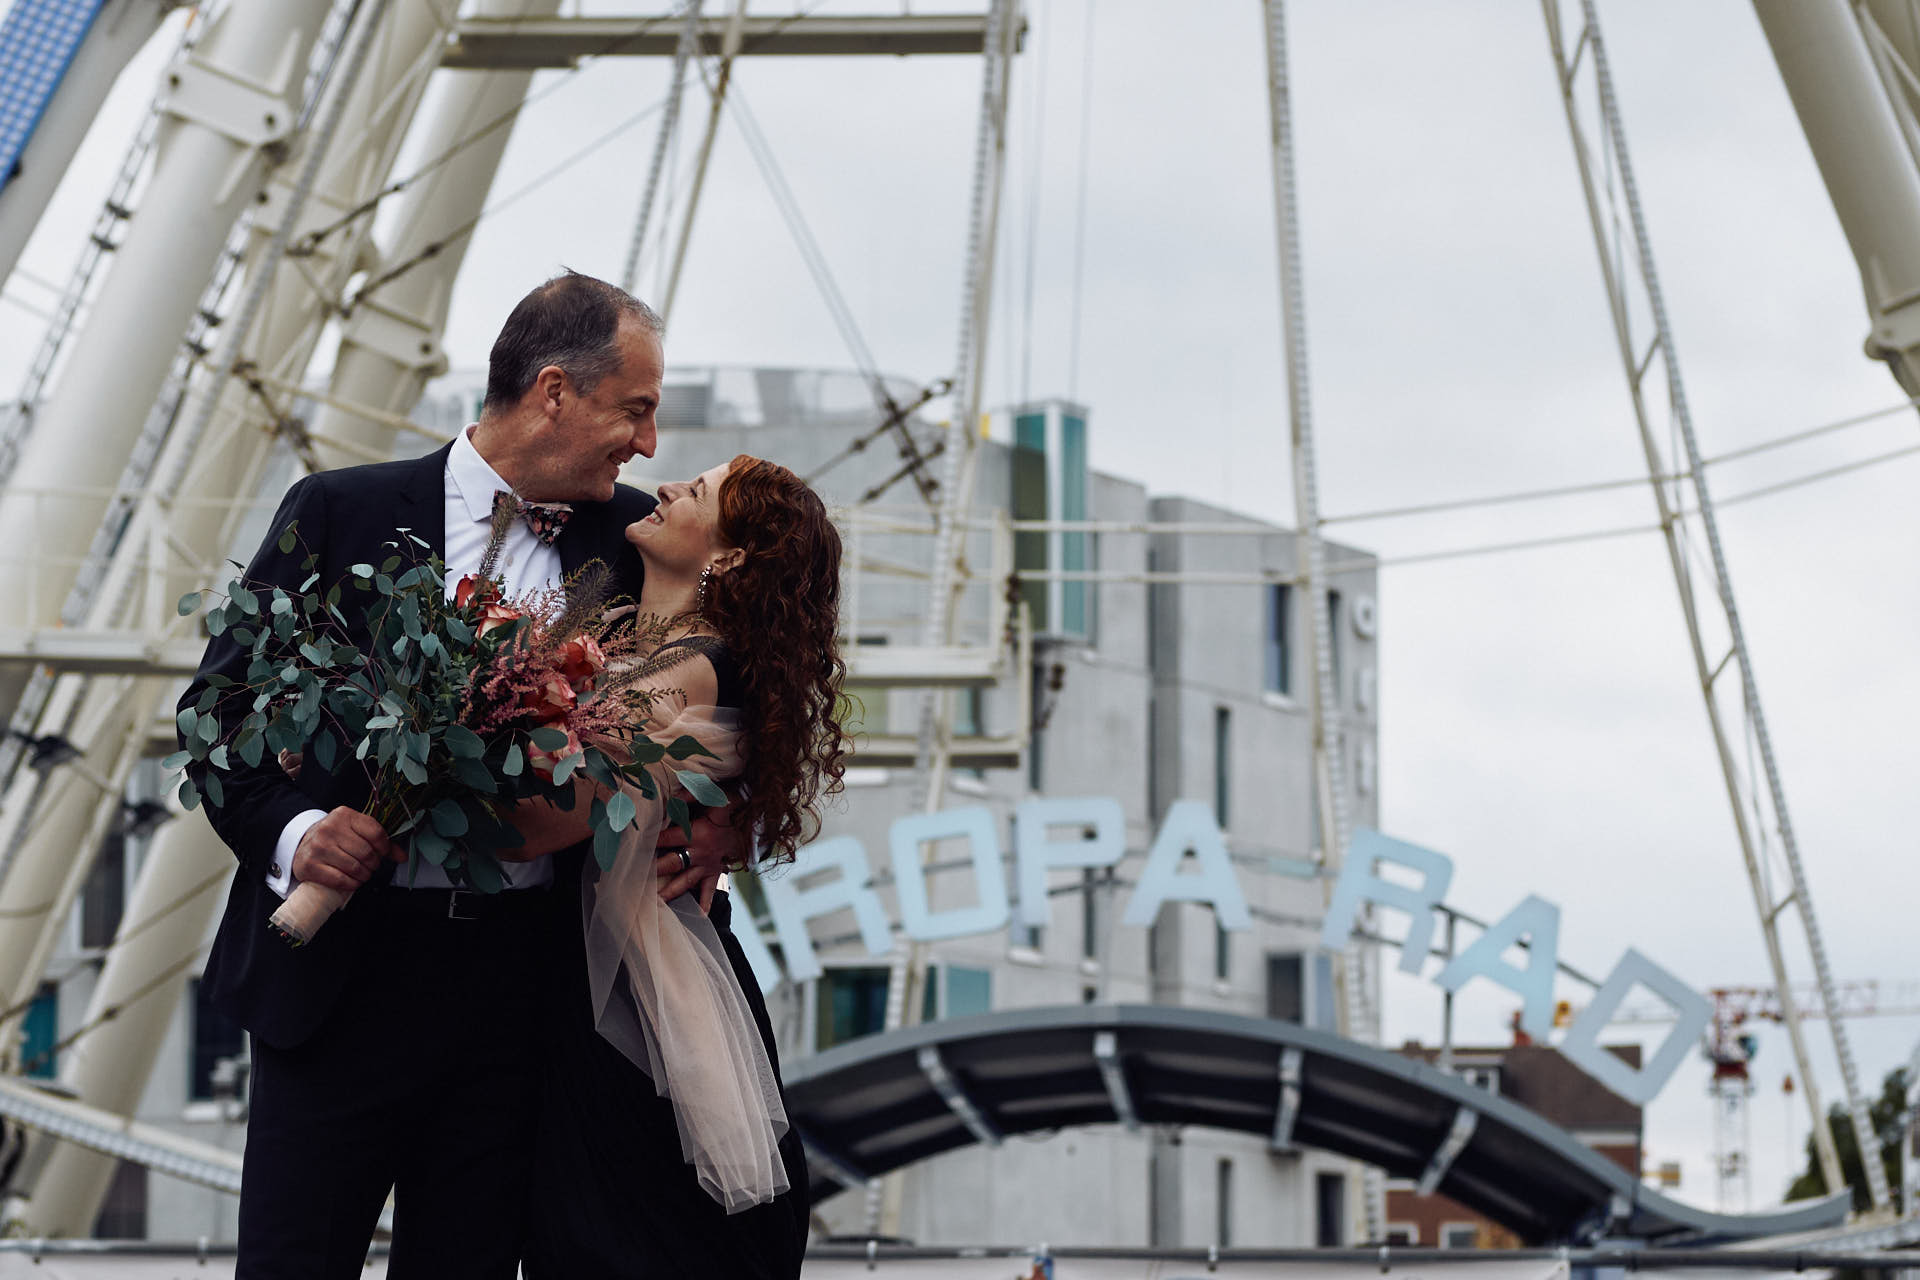 Braut und Bräutigam vor dem Europarad in Köln